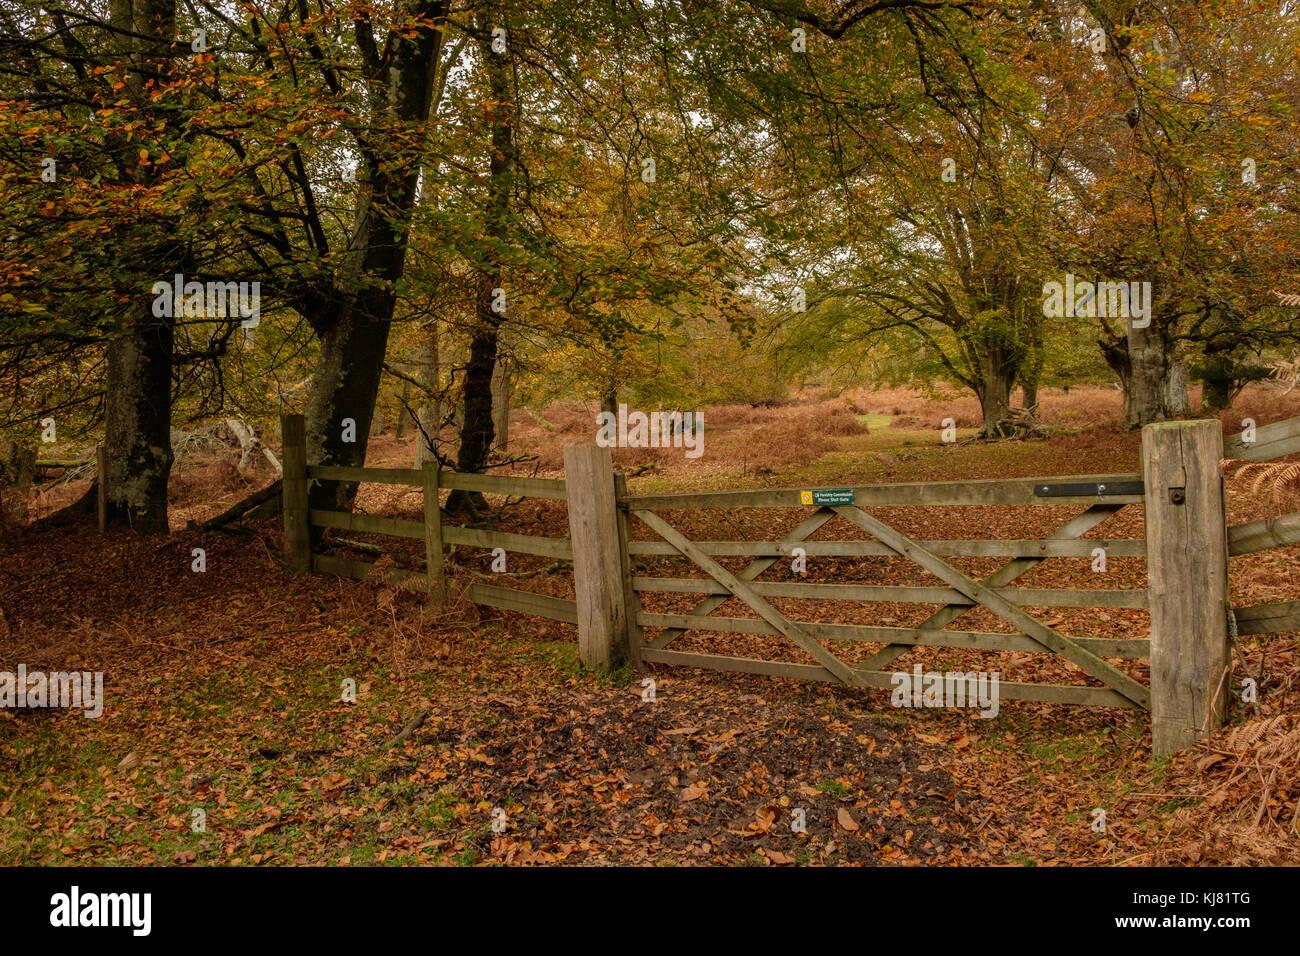 wood ash stock photos u0026 wood ash stock images alamy